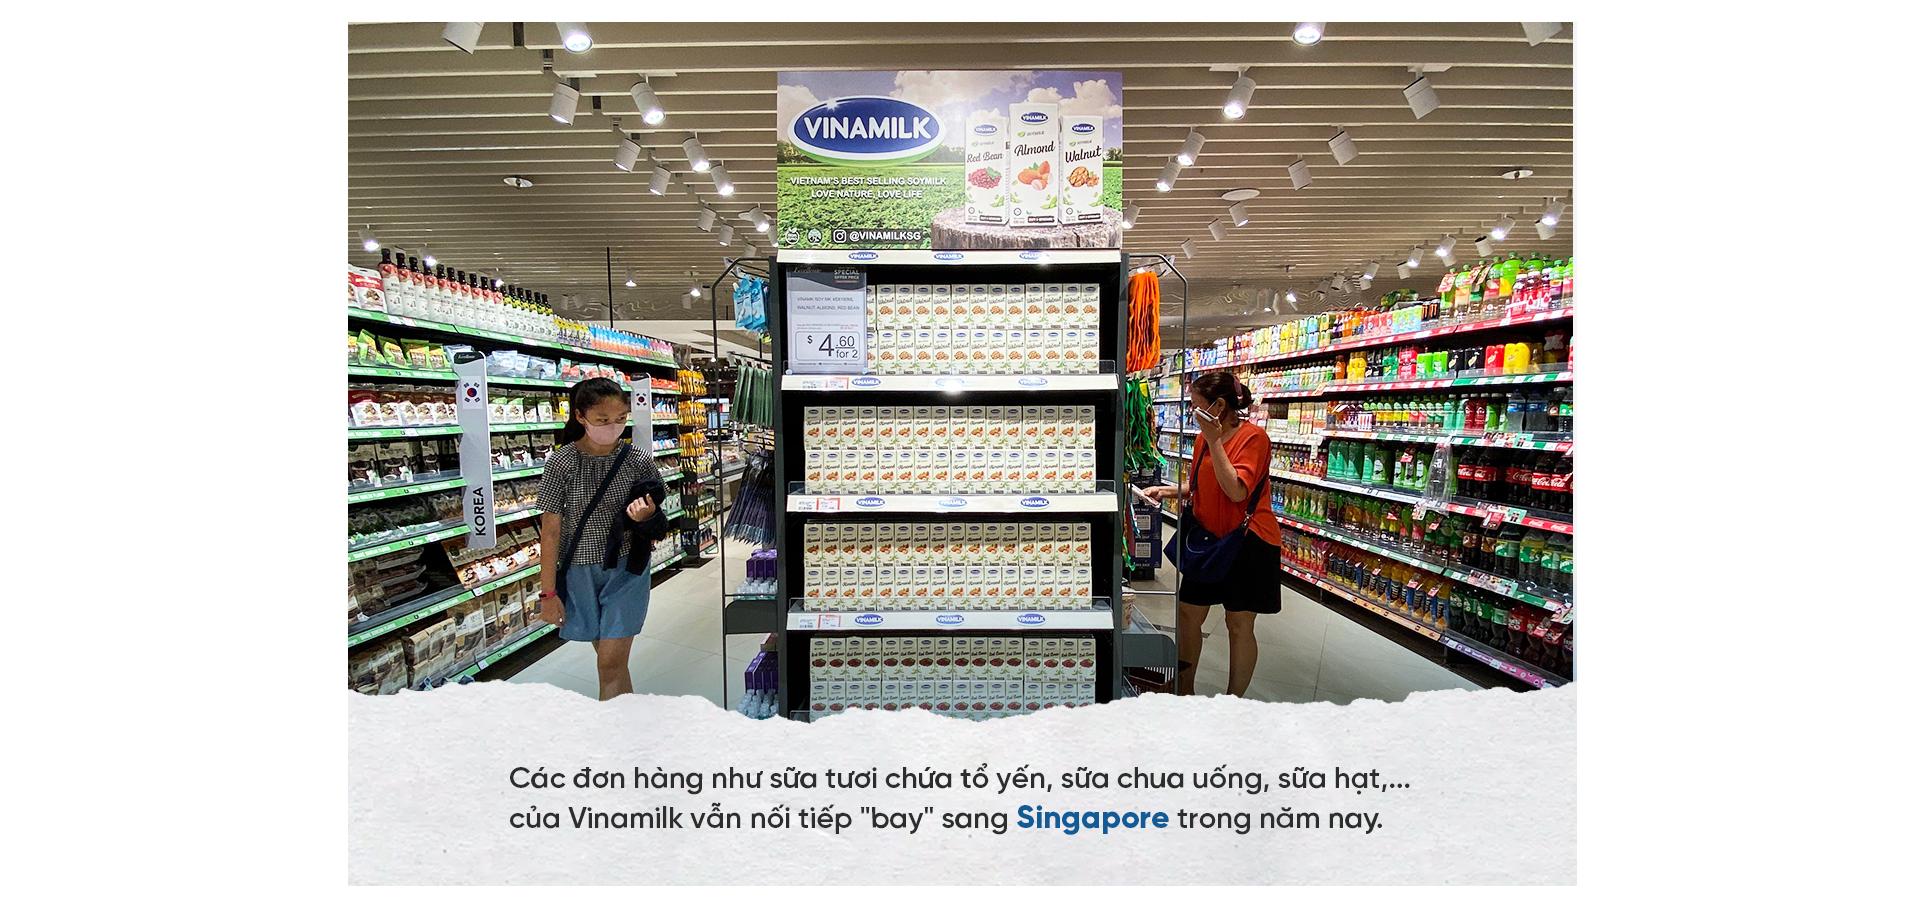 Vinamilk: Dấu son sữa Việt trên đấu trường quốc tế - Ảnh 14.